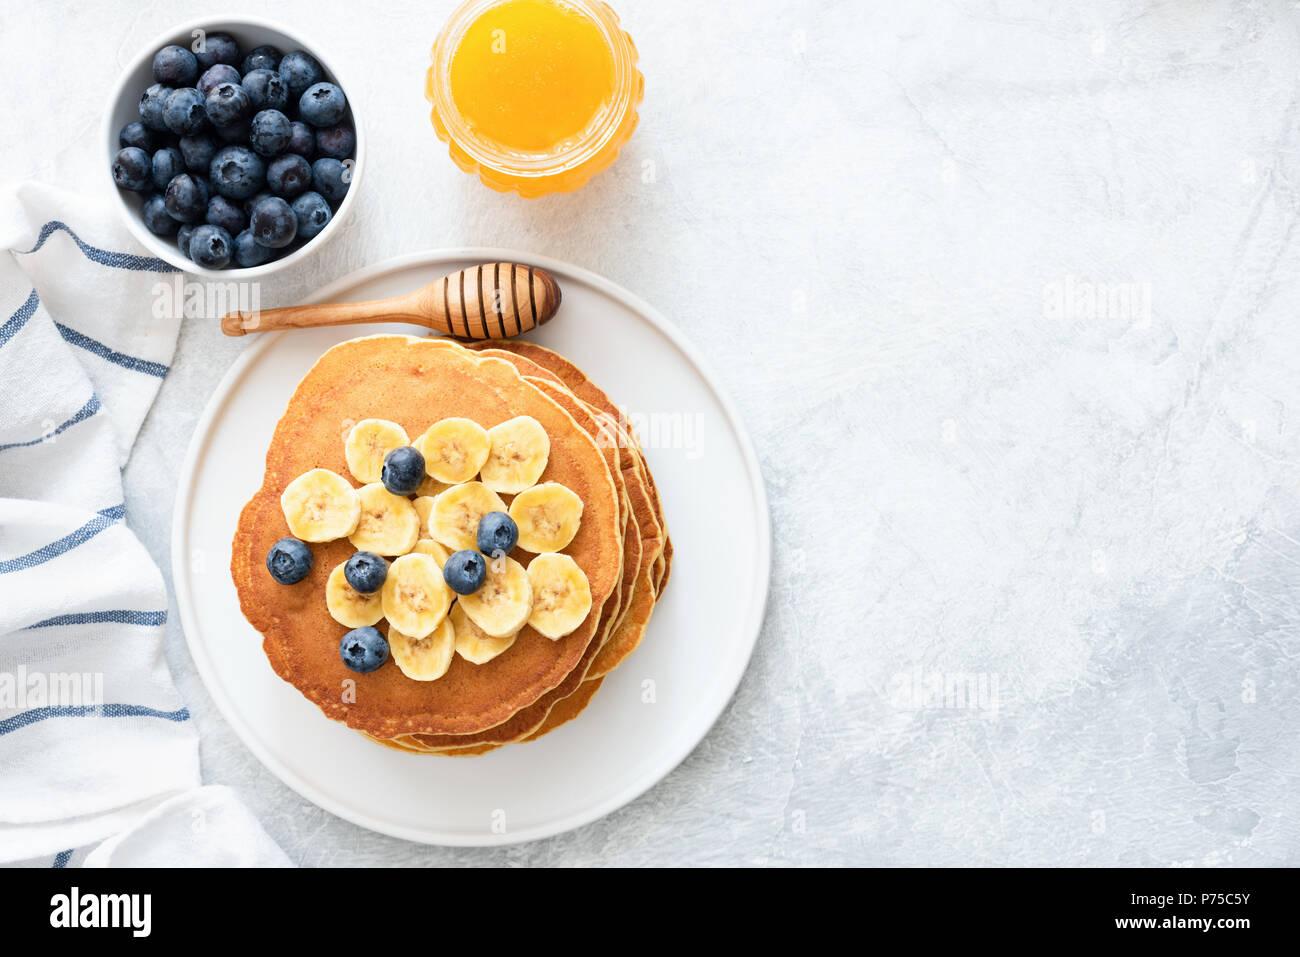 Tortitas de suero de leche con plátano, arándanos y miel sobre antecedentes concretos. Vista superior y espacio para copiar texto. Vista superior de tortitas con bayas en Foto de stock